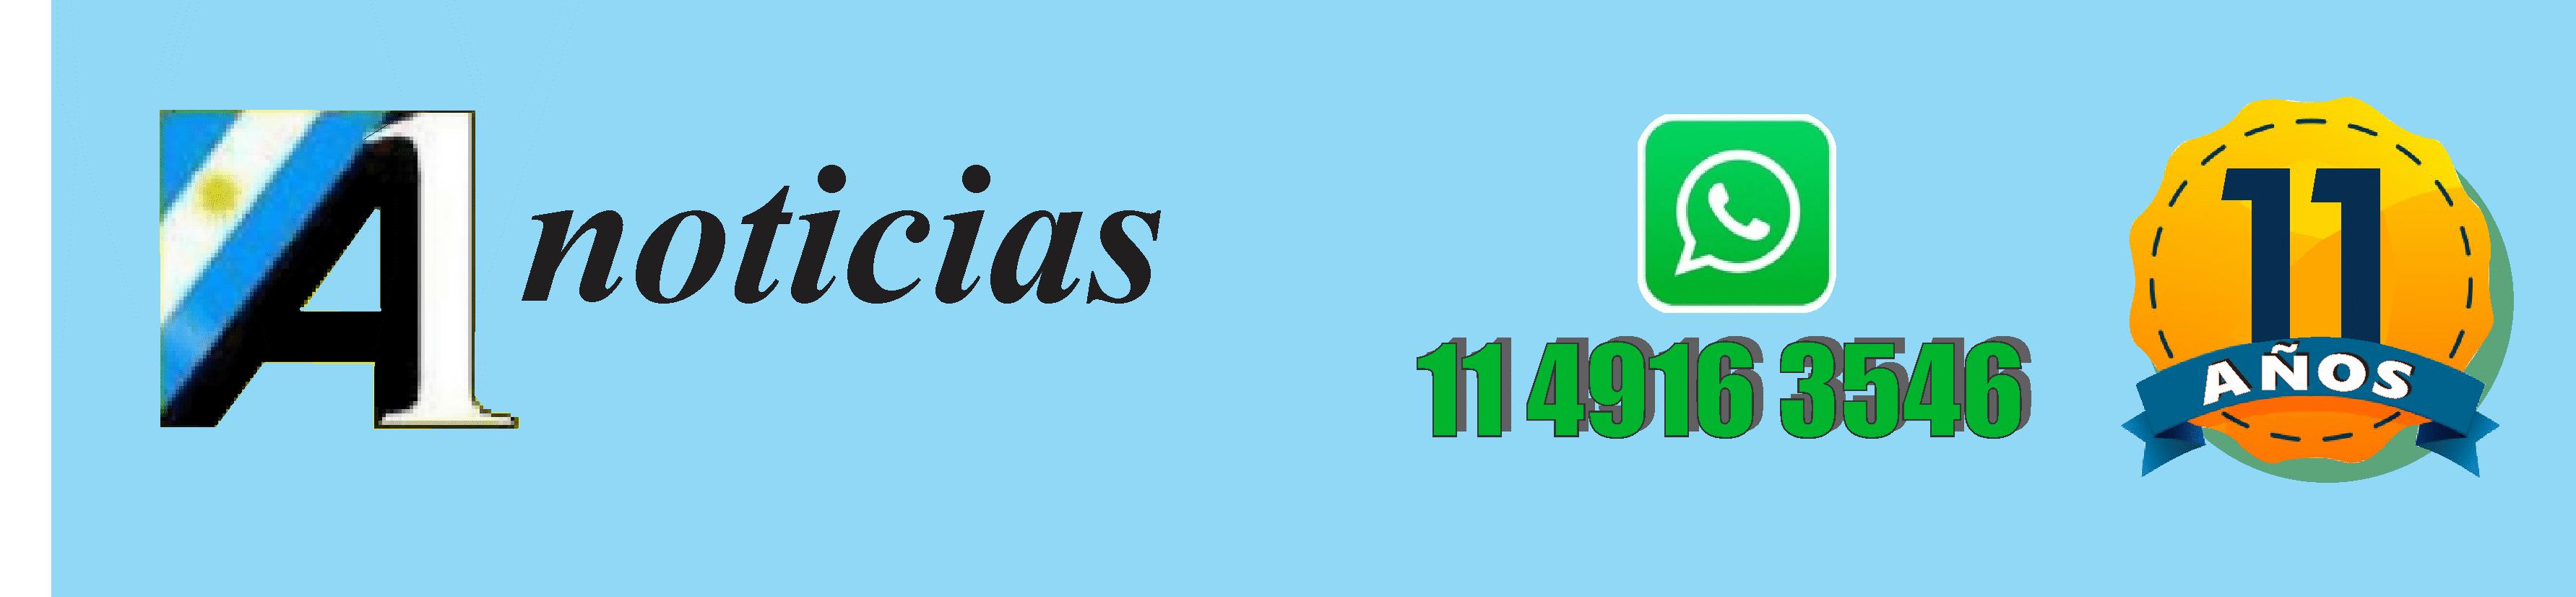 a1noticias.com.ar